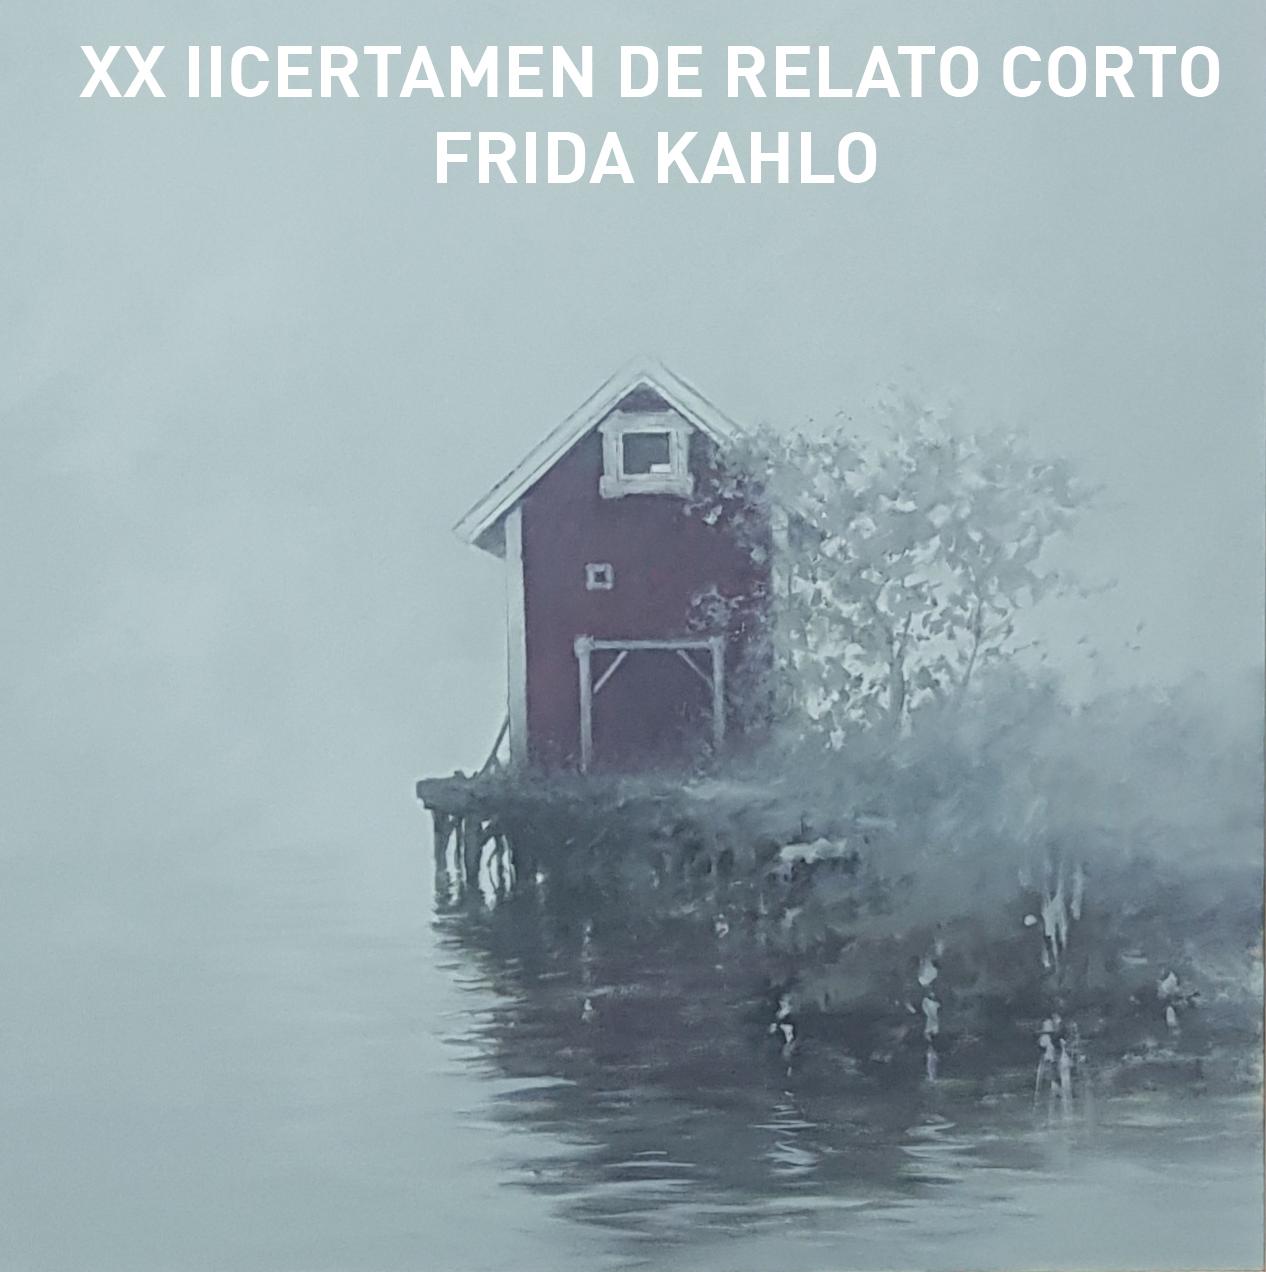 Primer premio Frida Kahlo